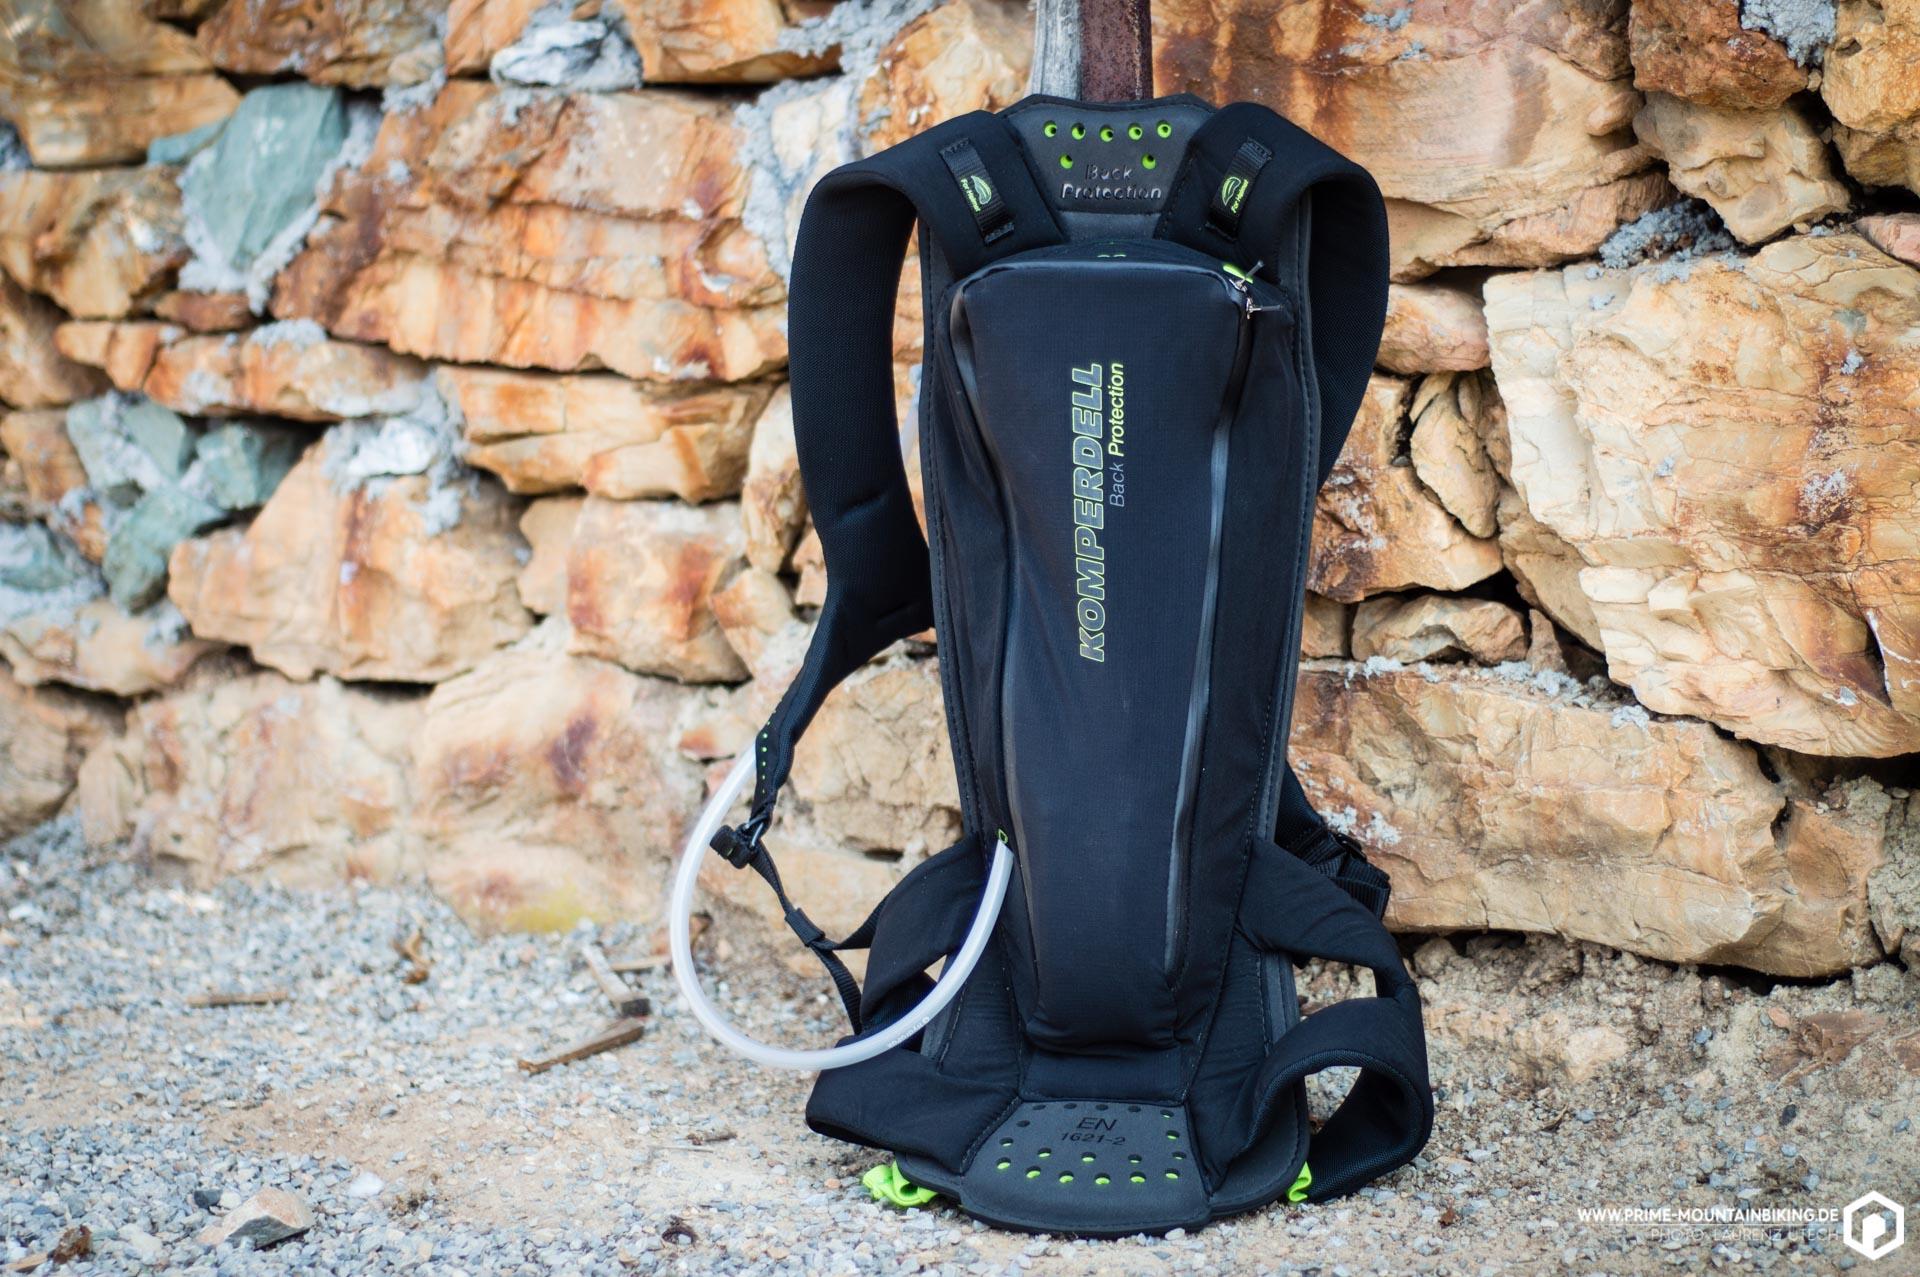 Der Komperdell Litepack ist ein leichter und flexibler Protektorrucksack, bei dem Sicherheit an erster Stelle steht.